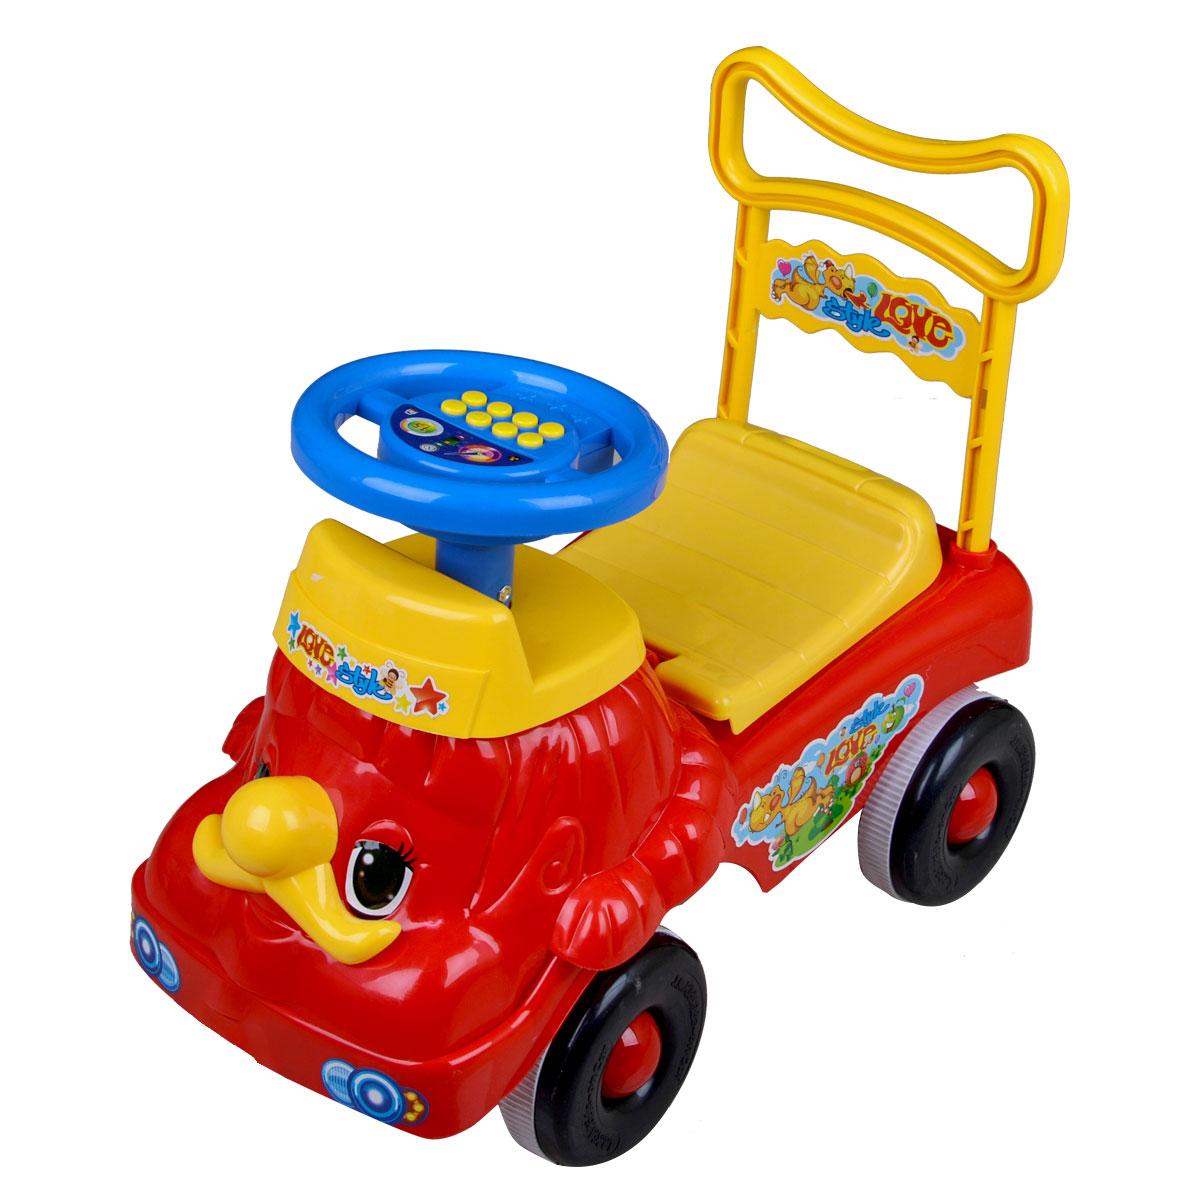 سيارة دفع للأطفال اربع كفرات .1015